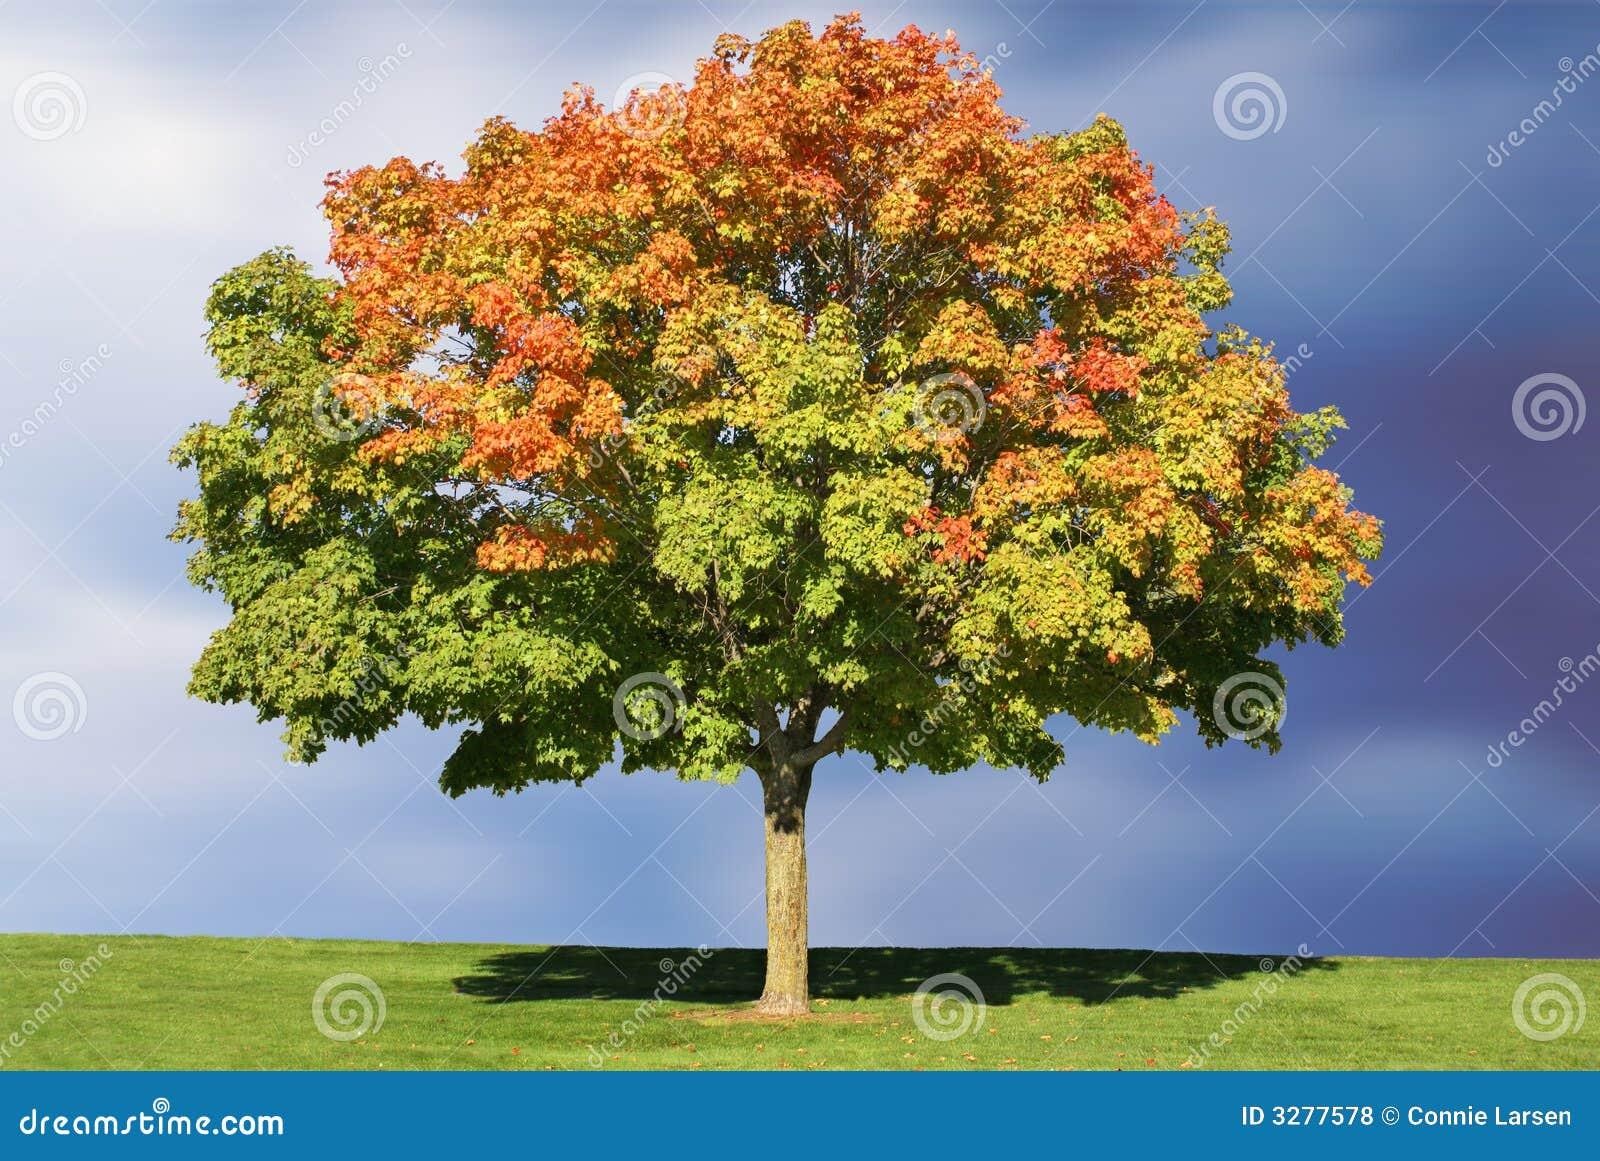 arbre d 39 rable en automne photos libres de droits image 3277578. Black Bedroom Furniture Sets. Home Design Ideas